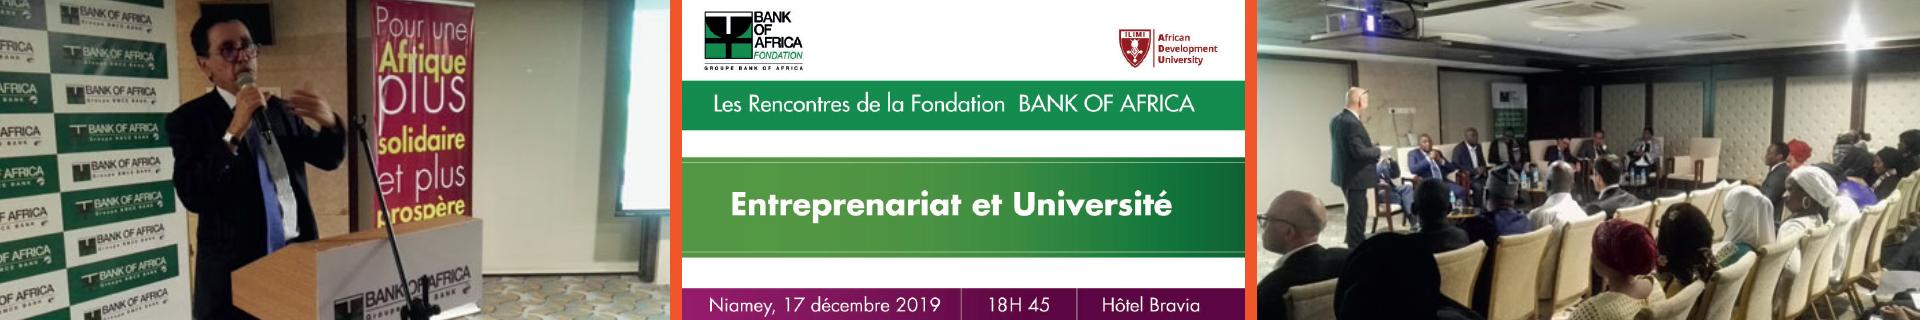 Les rencontres de la Fondation BANK OF AFRICA – Entreprenariat et Université (17-12-2019)